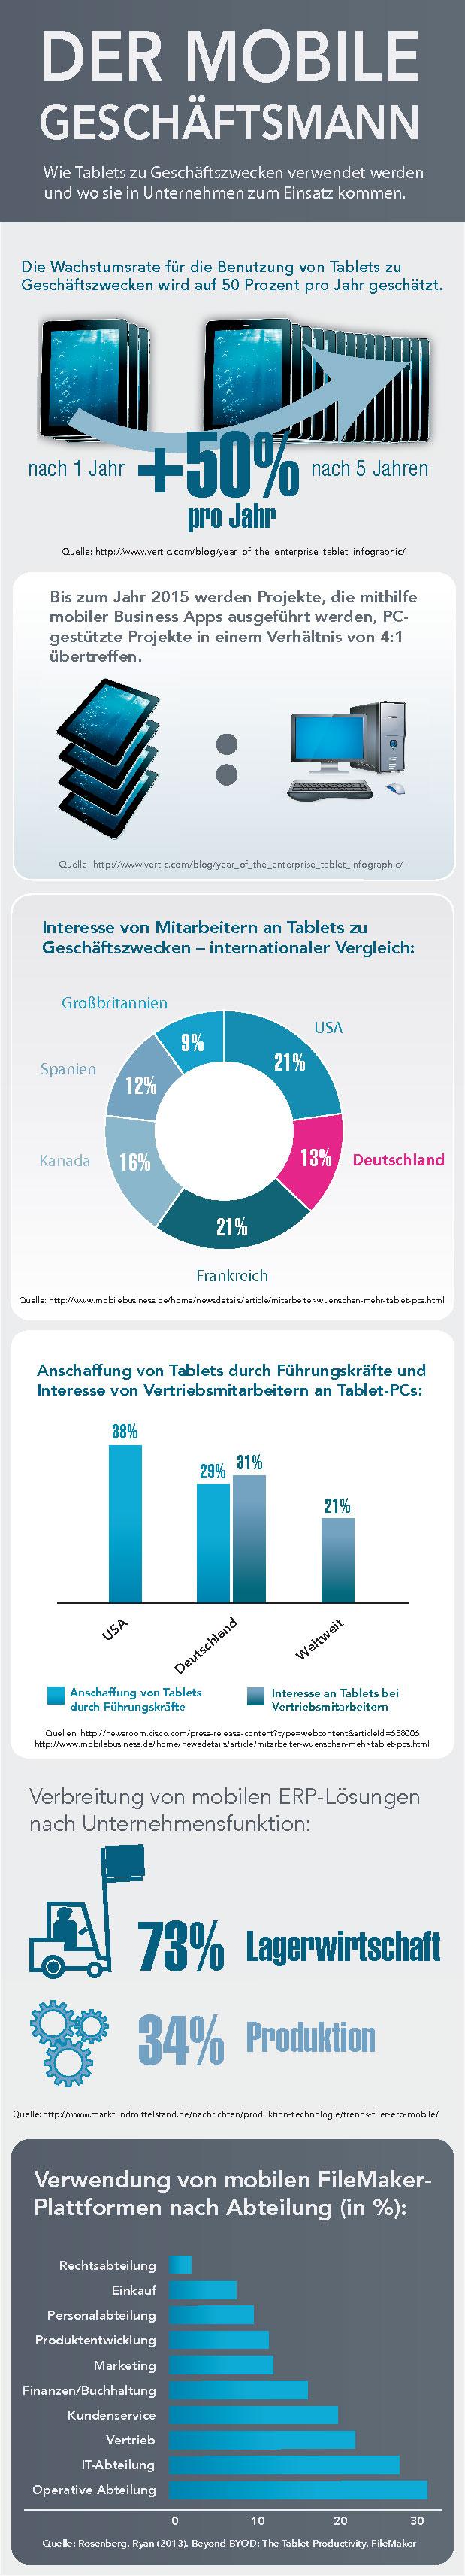 FileMaker Infografik: Der mobile Geschäftsmann